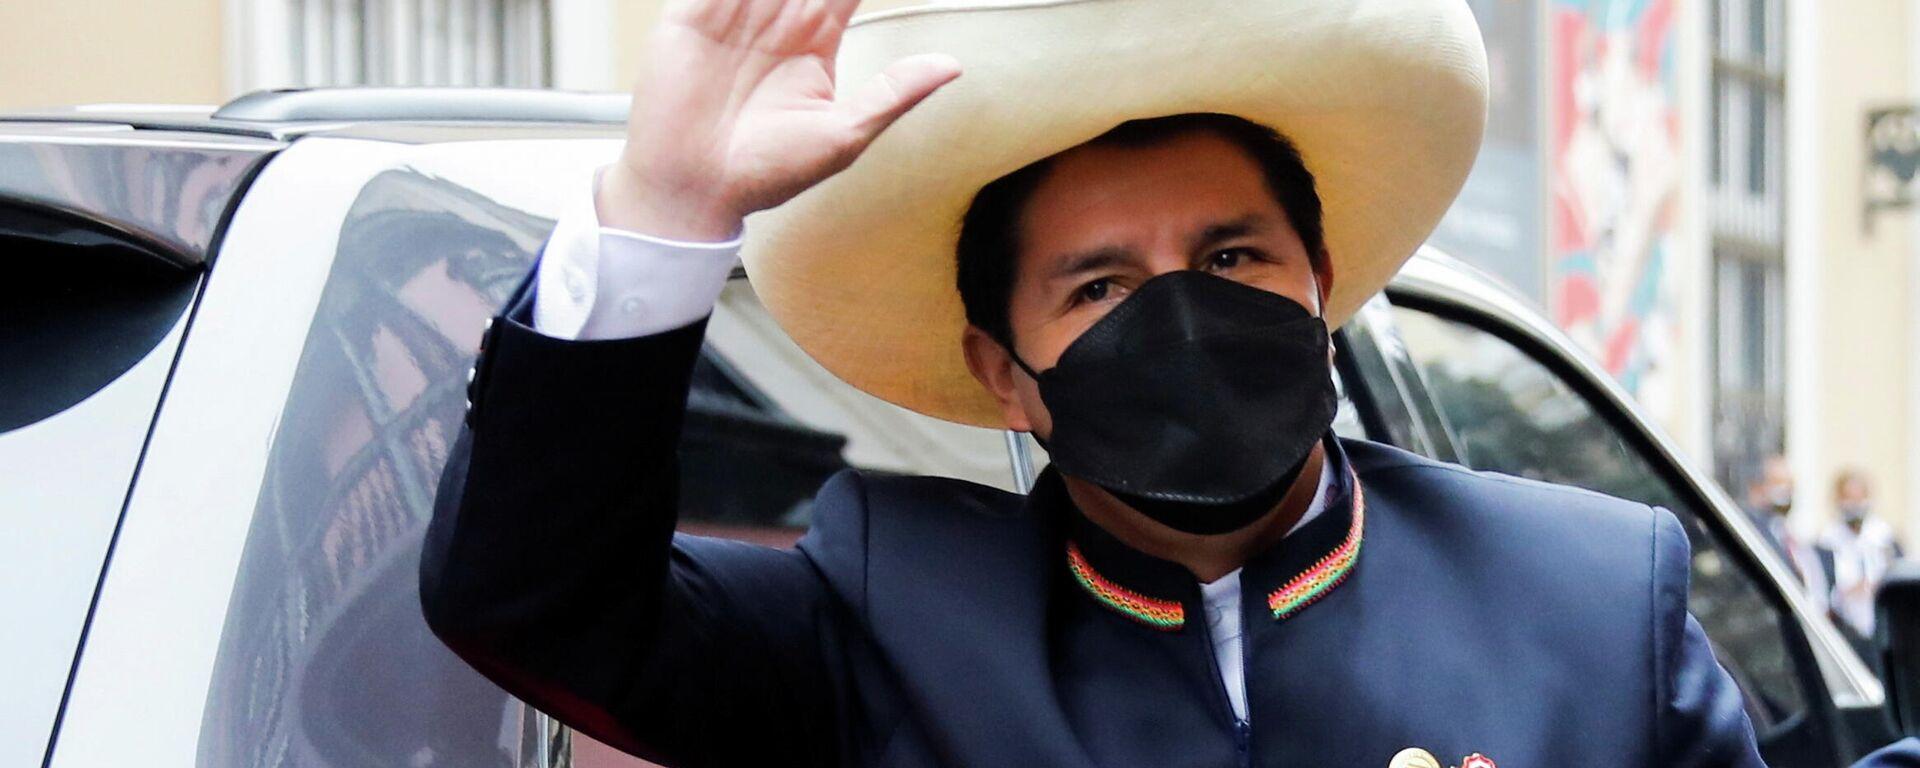 Pedro Castillo, el presidente de Perú  - Sputnik Mundo, 1920, 16.08.2021